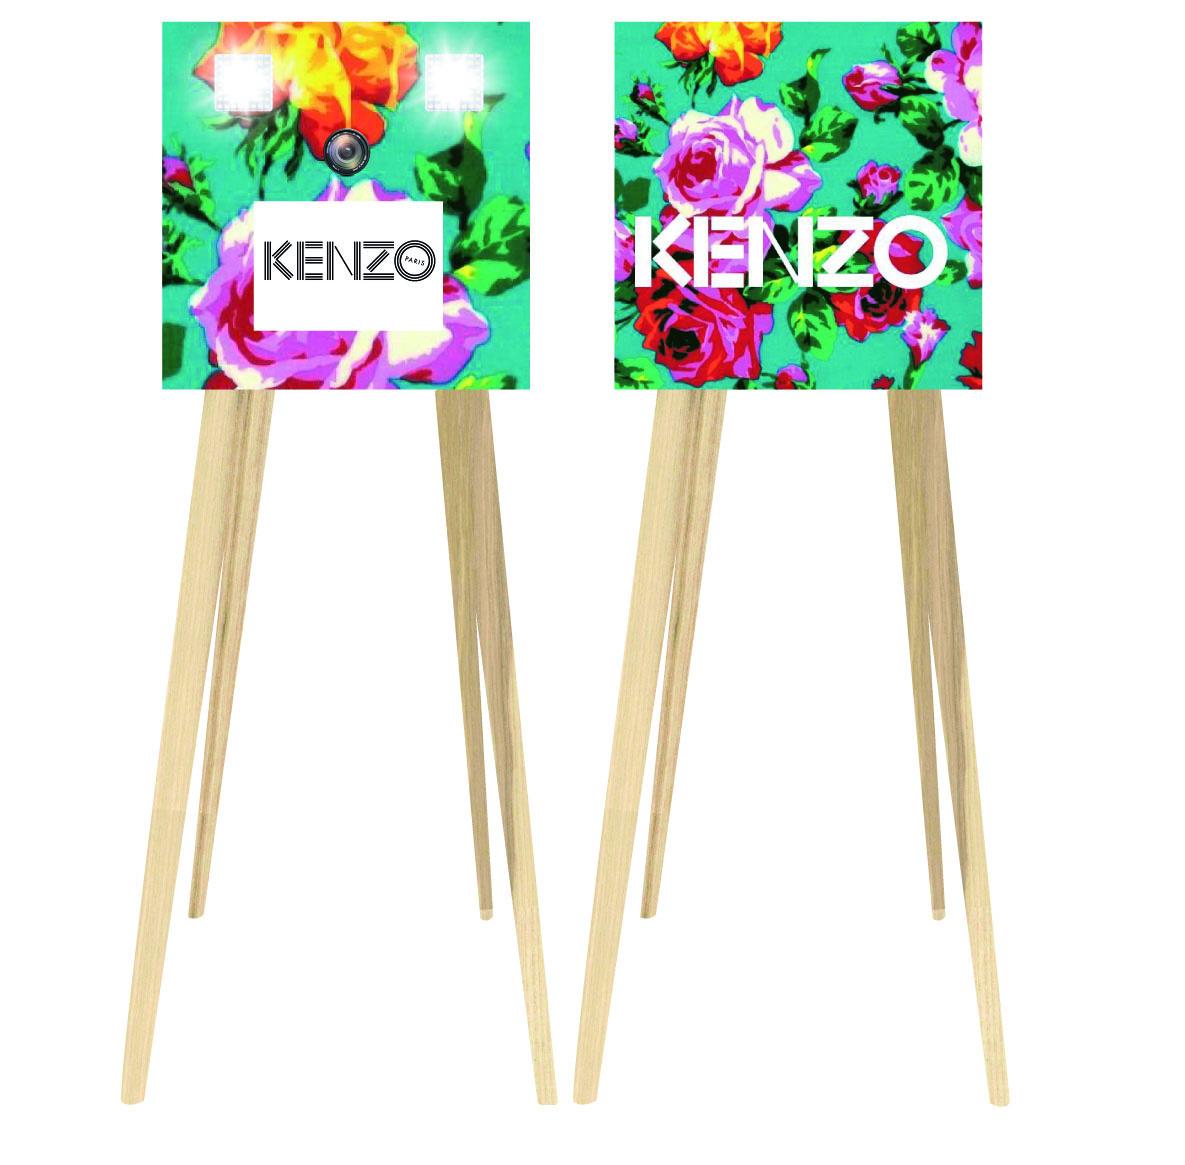 BOX KENZO 20X20 copie